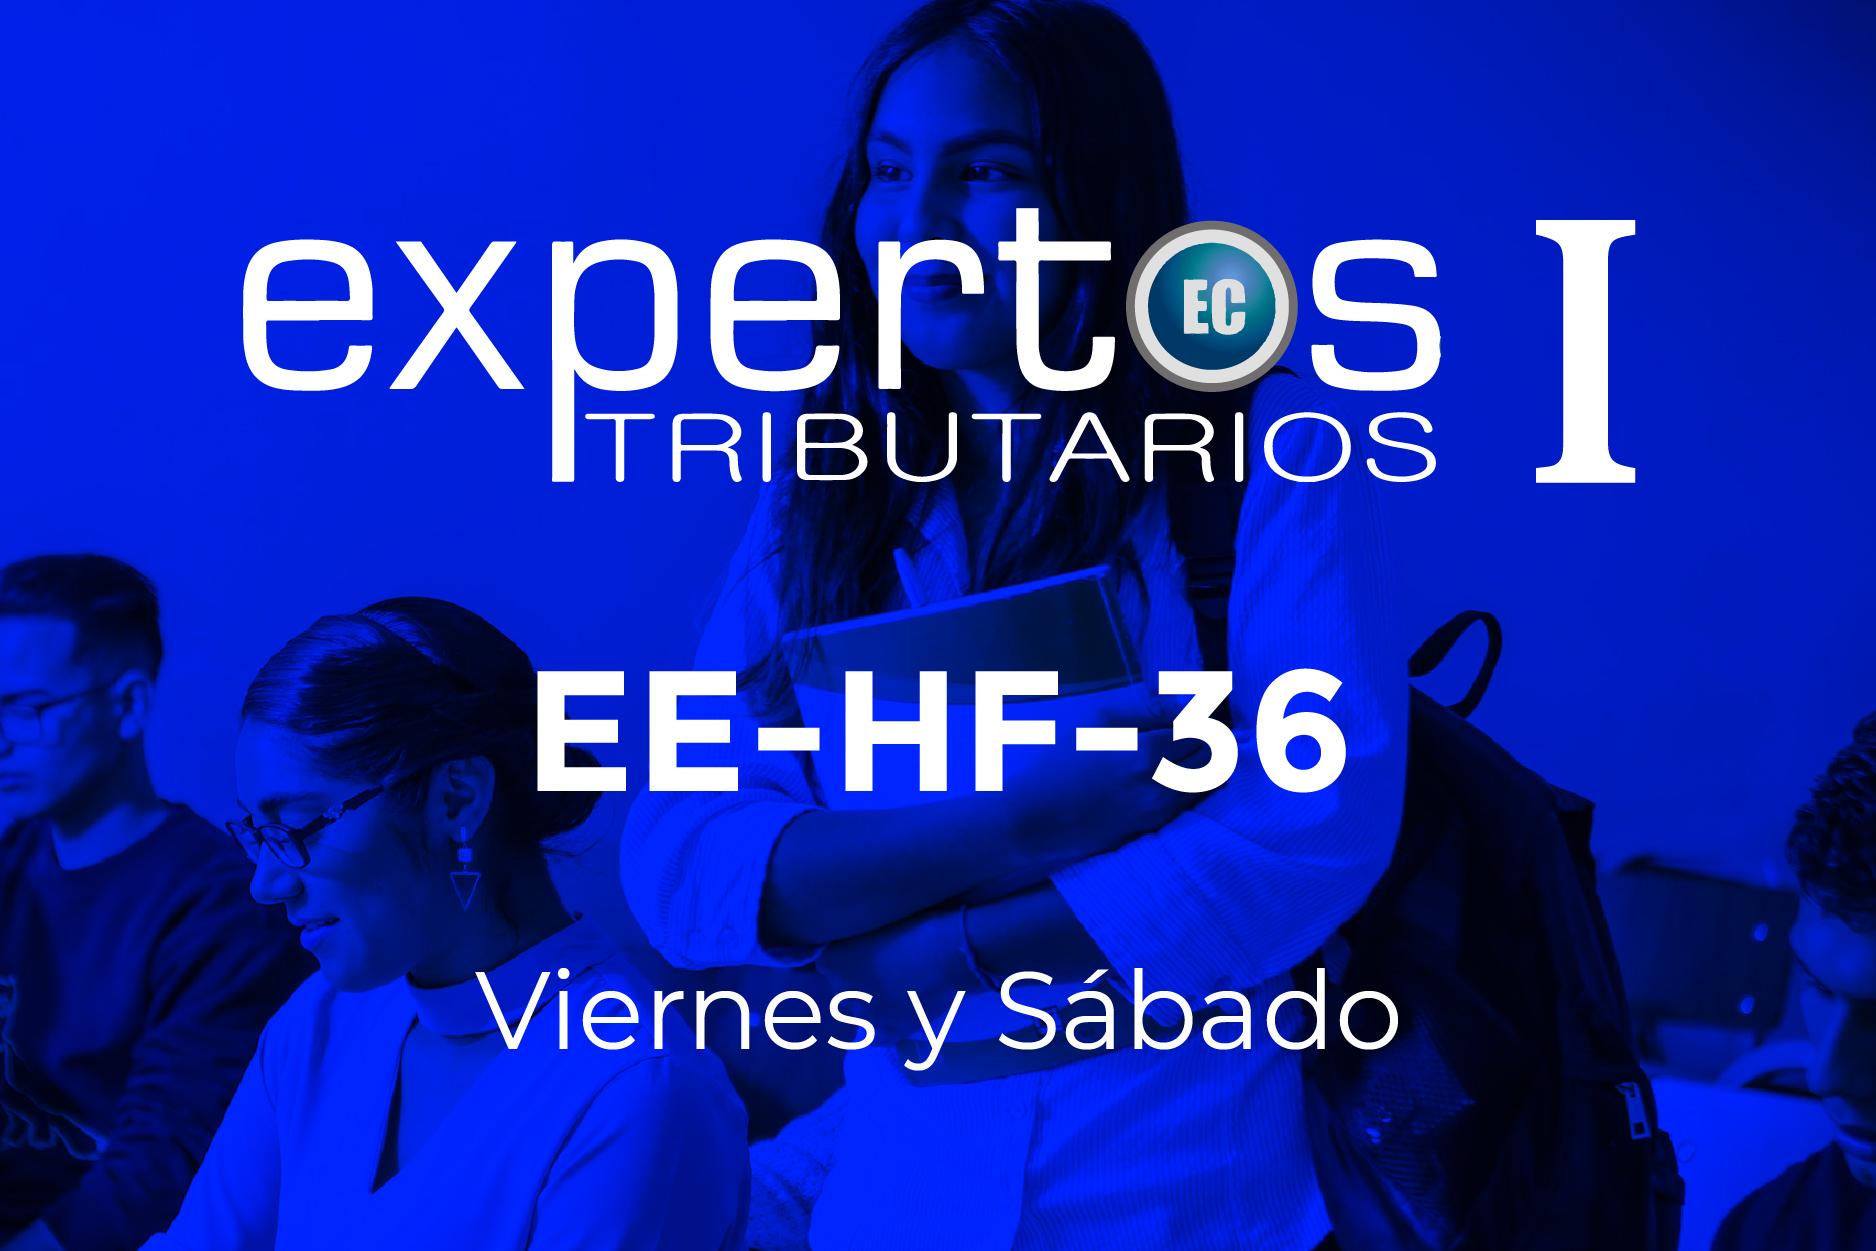 36 - EXPERTOS TRIBUTARIOS - VIERNES Y SÁBADO